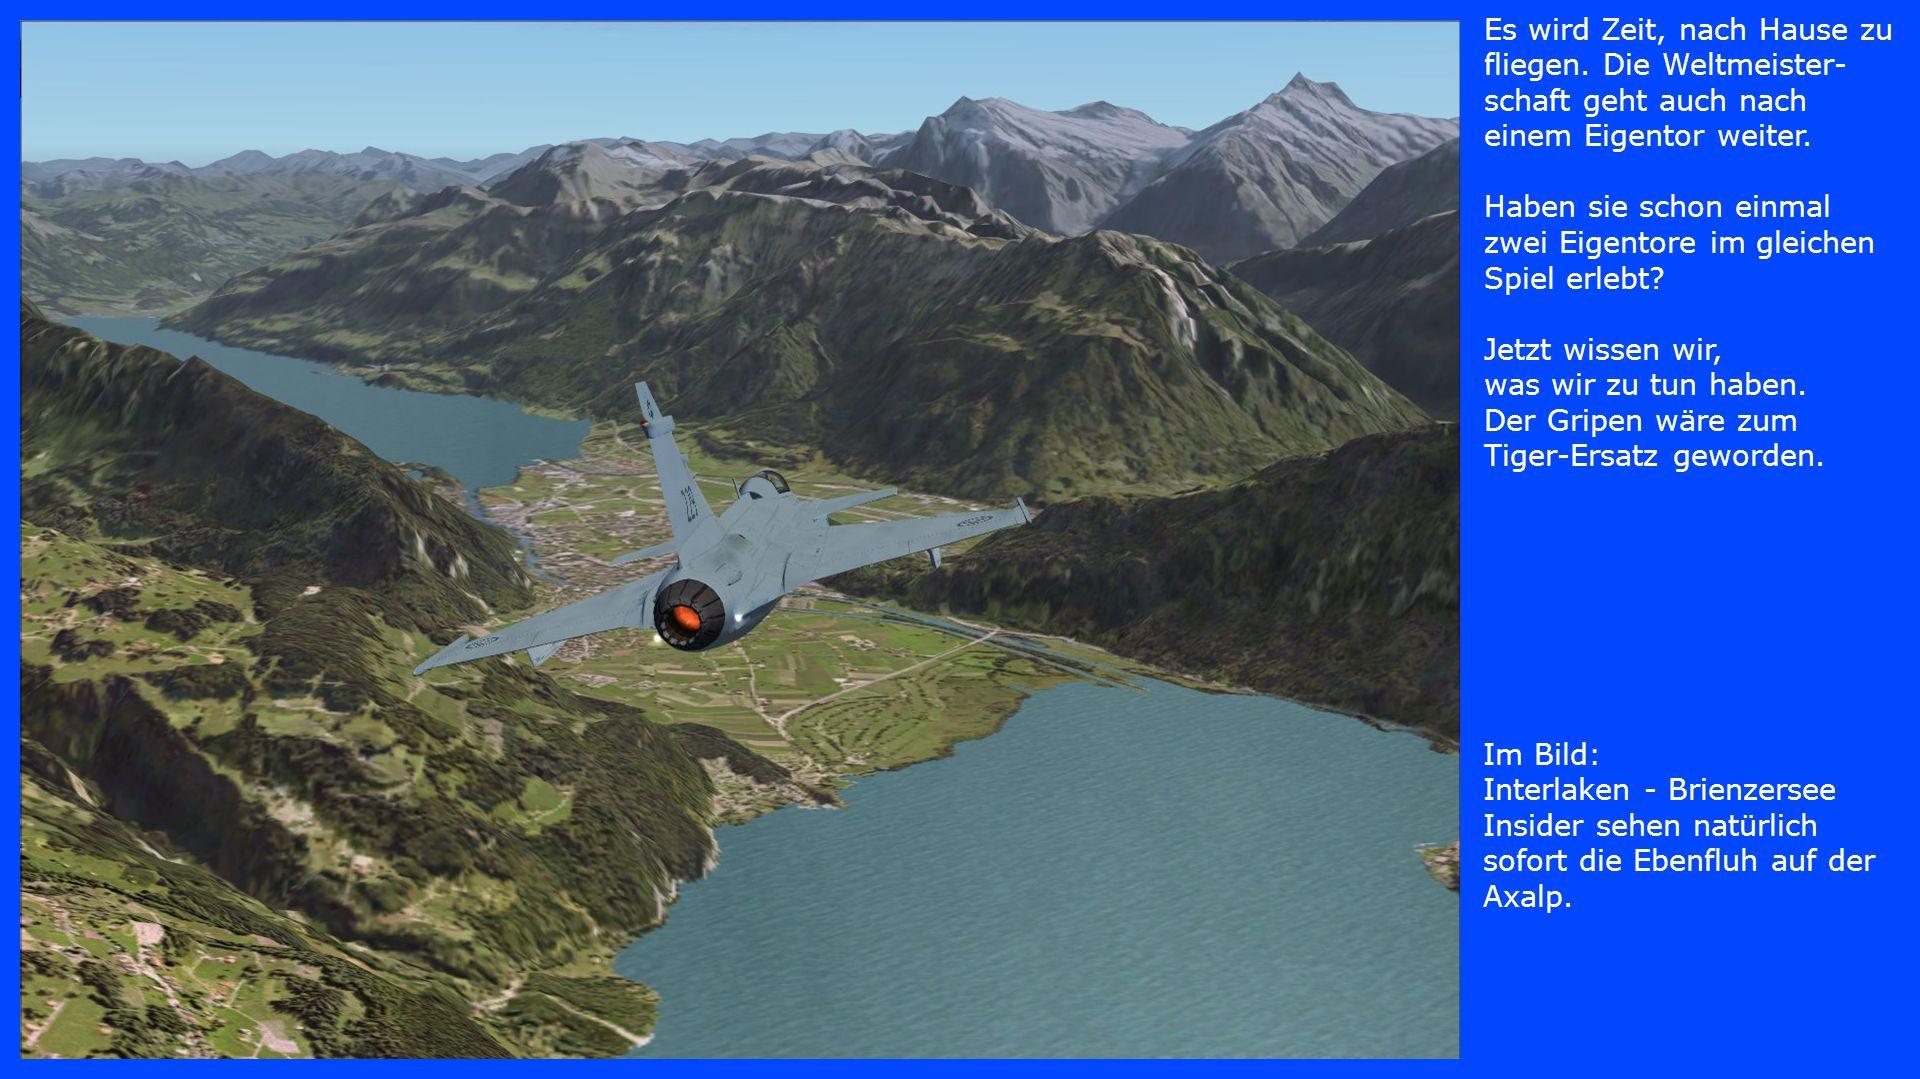 Im Bild: Interlaken - Brienzersee Insider sehen natürlich sofort die Ebenfluh auf der Axalp. Es wird Zeit, nach Hause zu fliegen. Die Weltmeister- sch